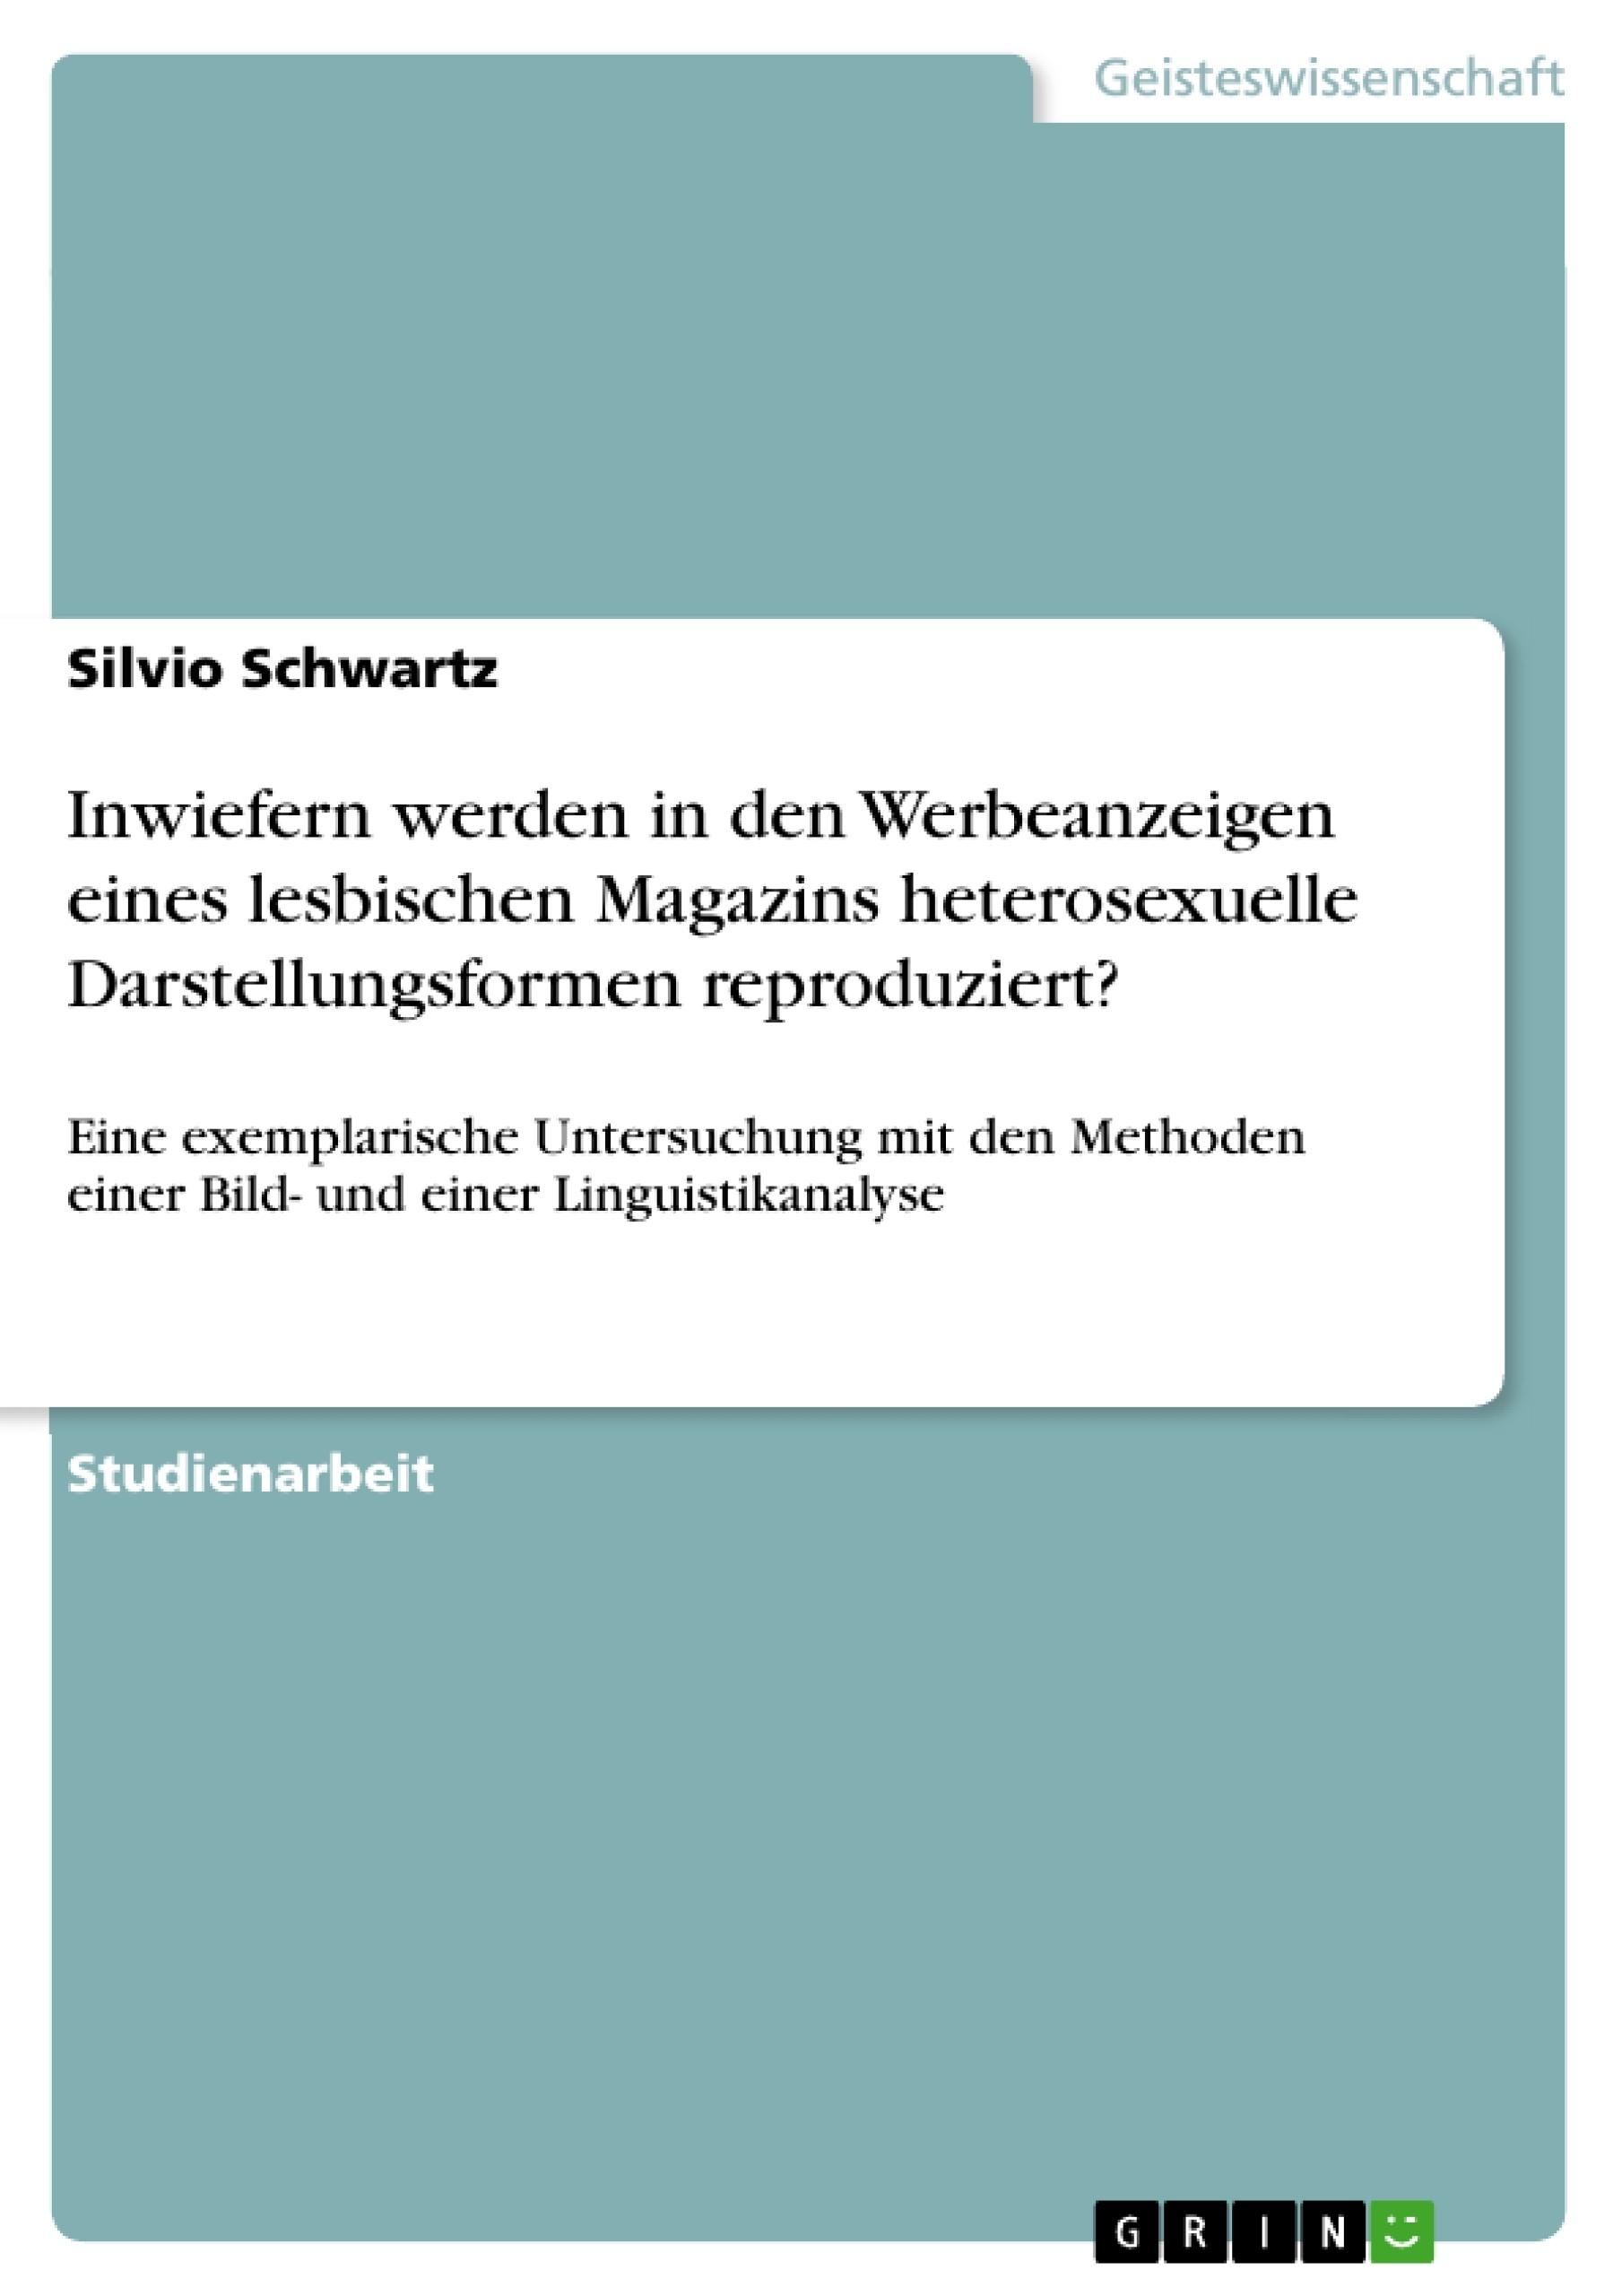 Titel: Inwiefern werden in den Werbeanzeigen eines lesbischen Magazins heterosexuelle Darstellungsformen reproduziert?